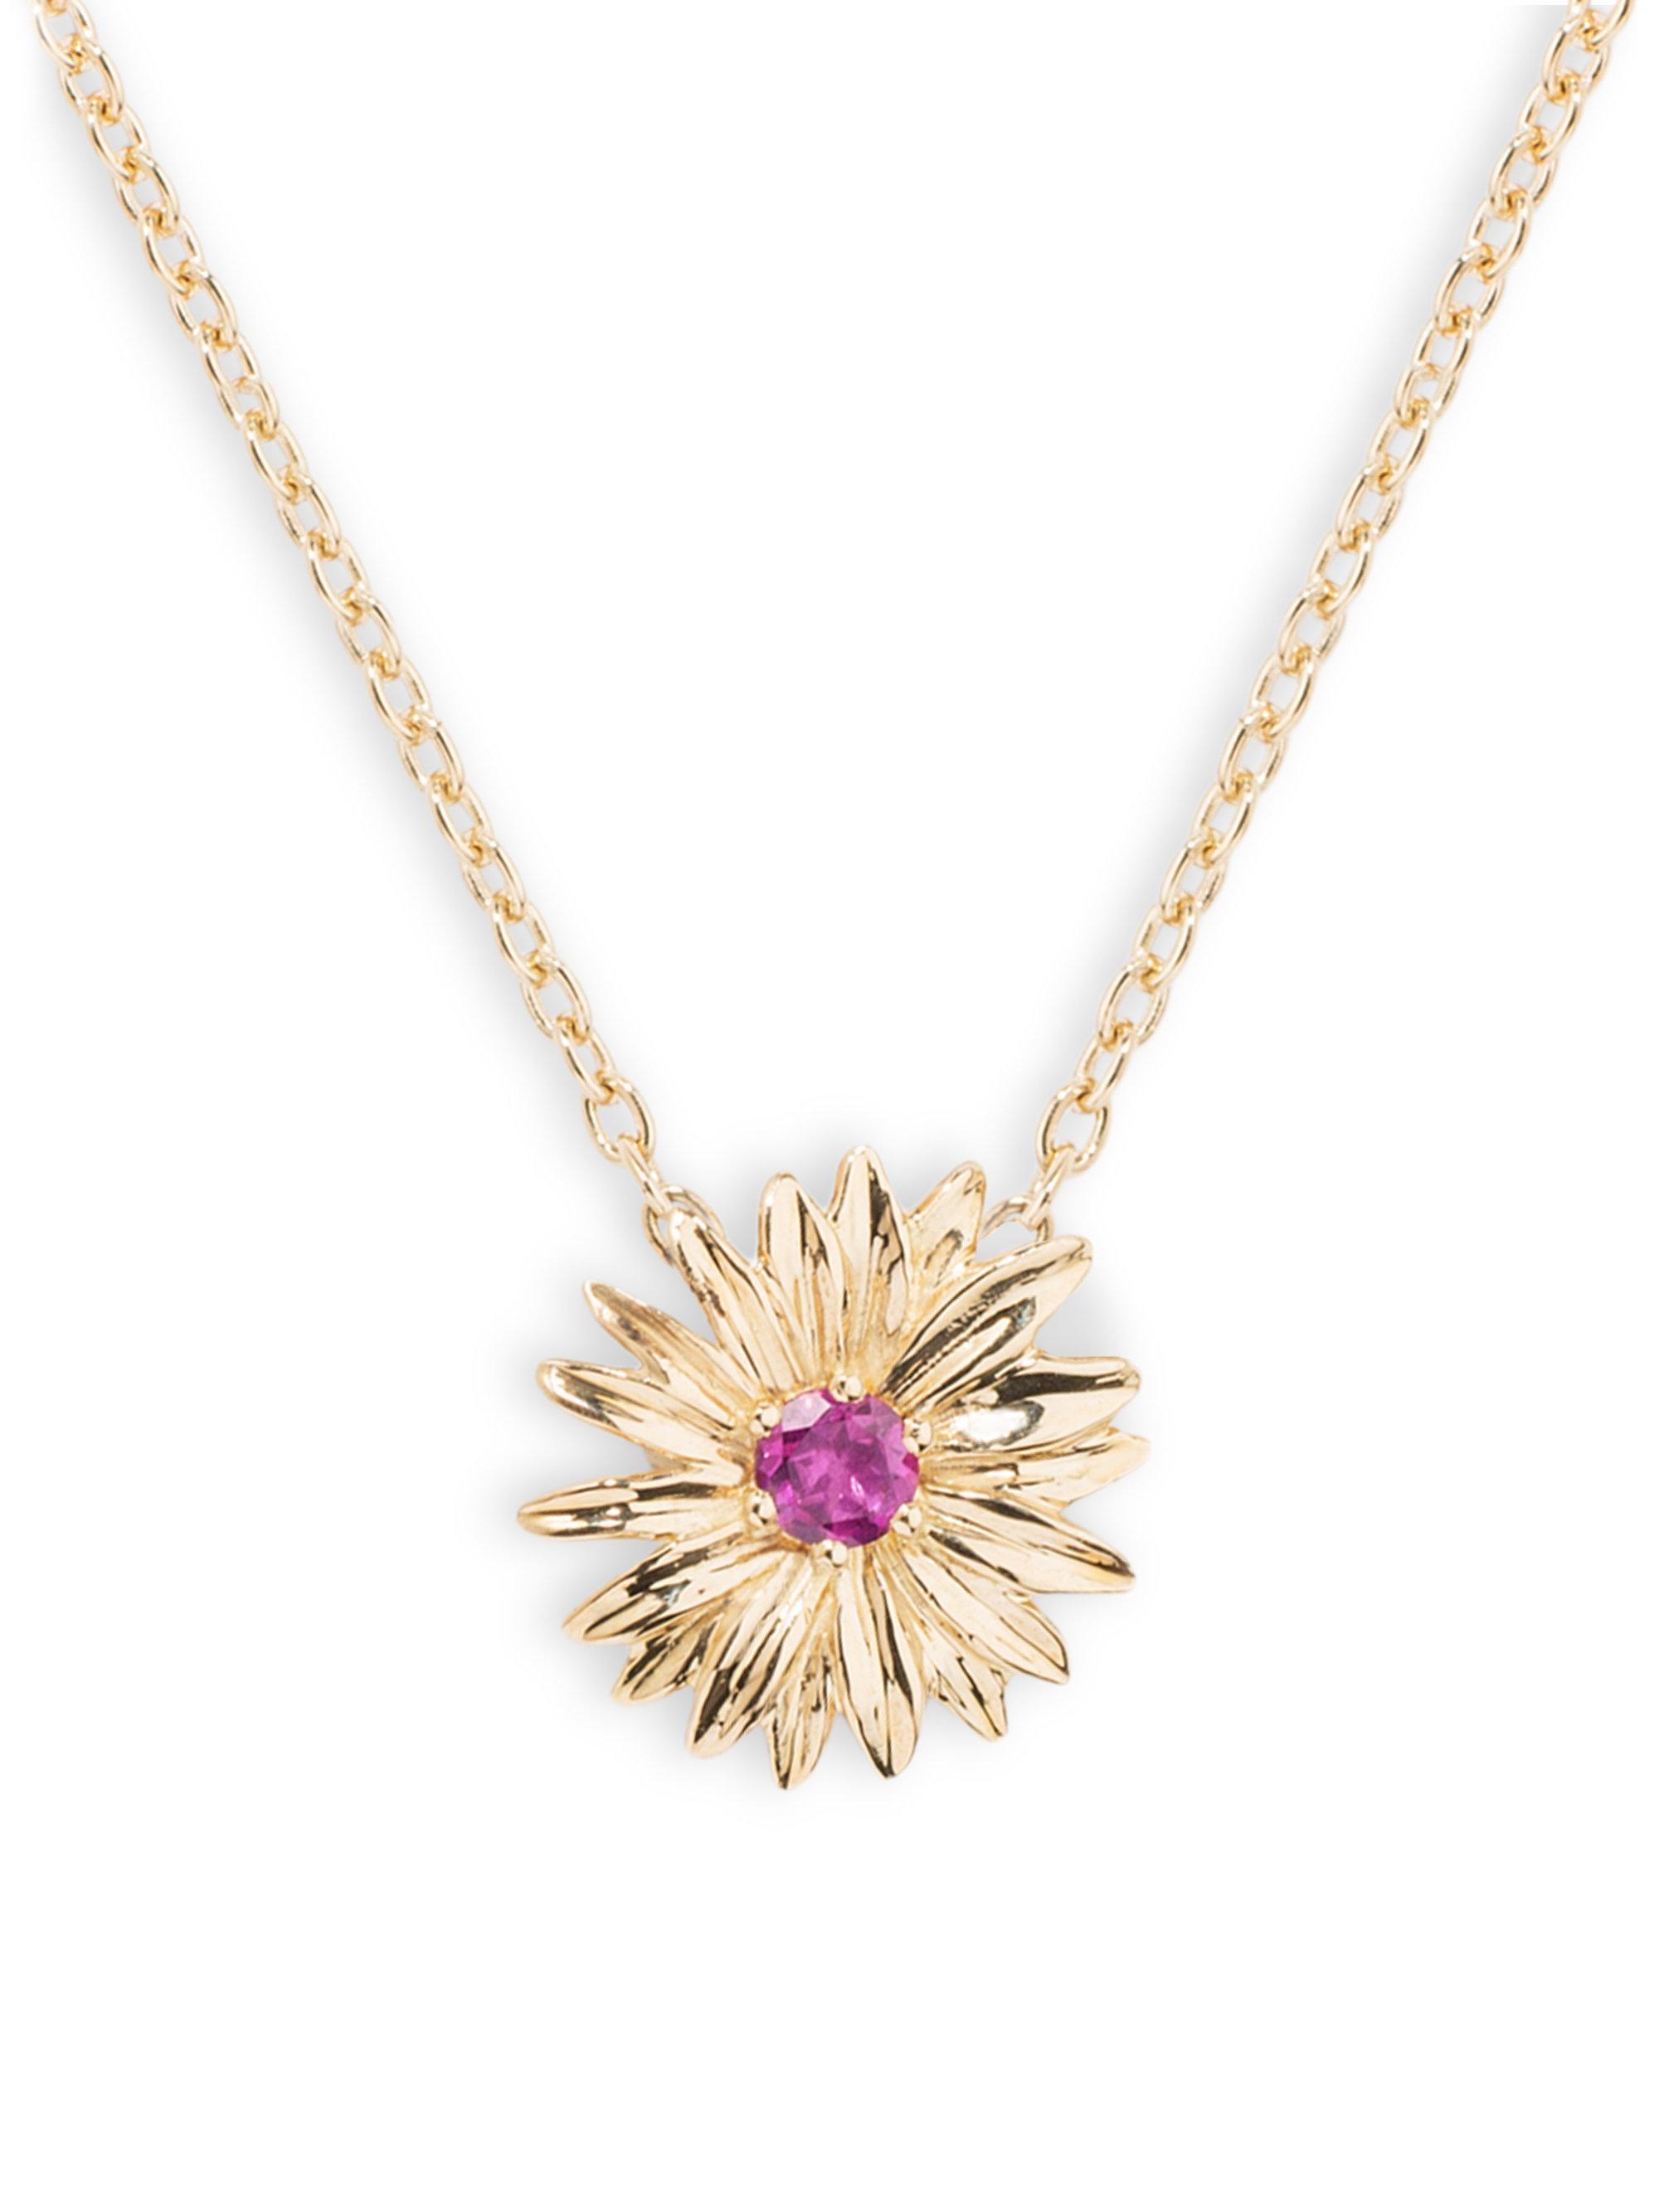 18kt gold & diamond pendant necklace Aur CXNs6Ylo